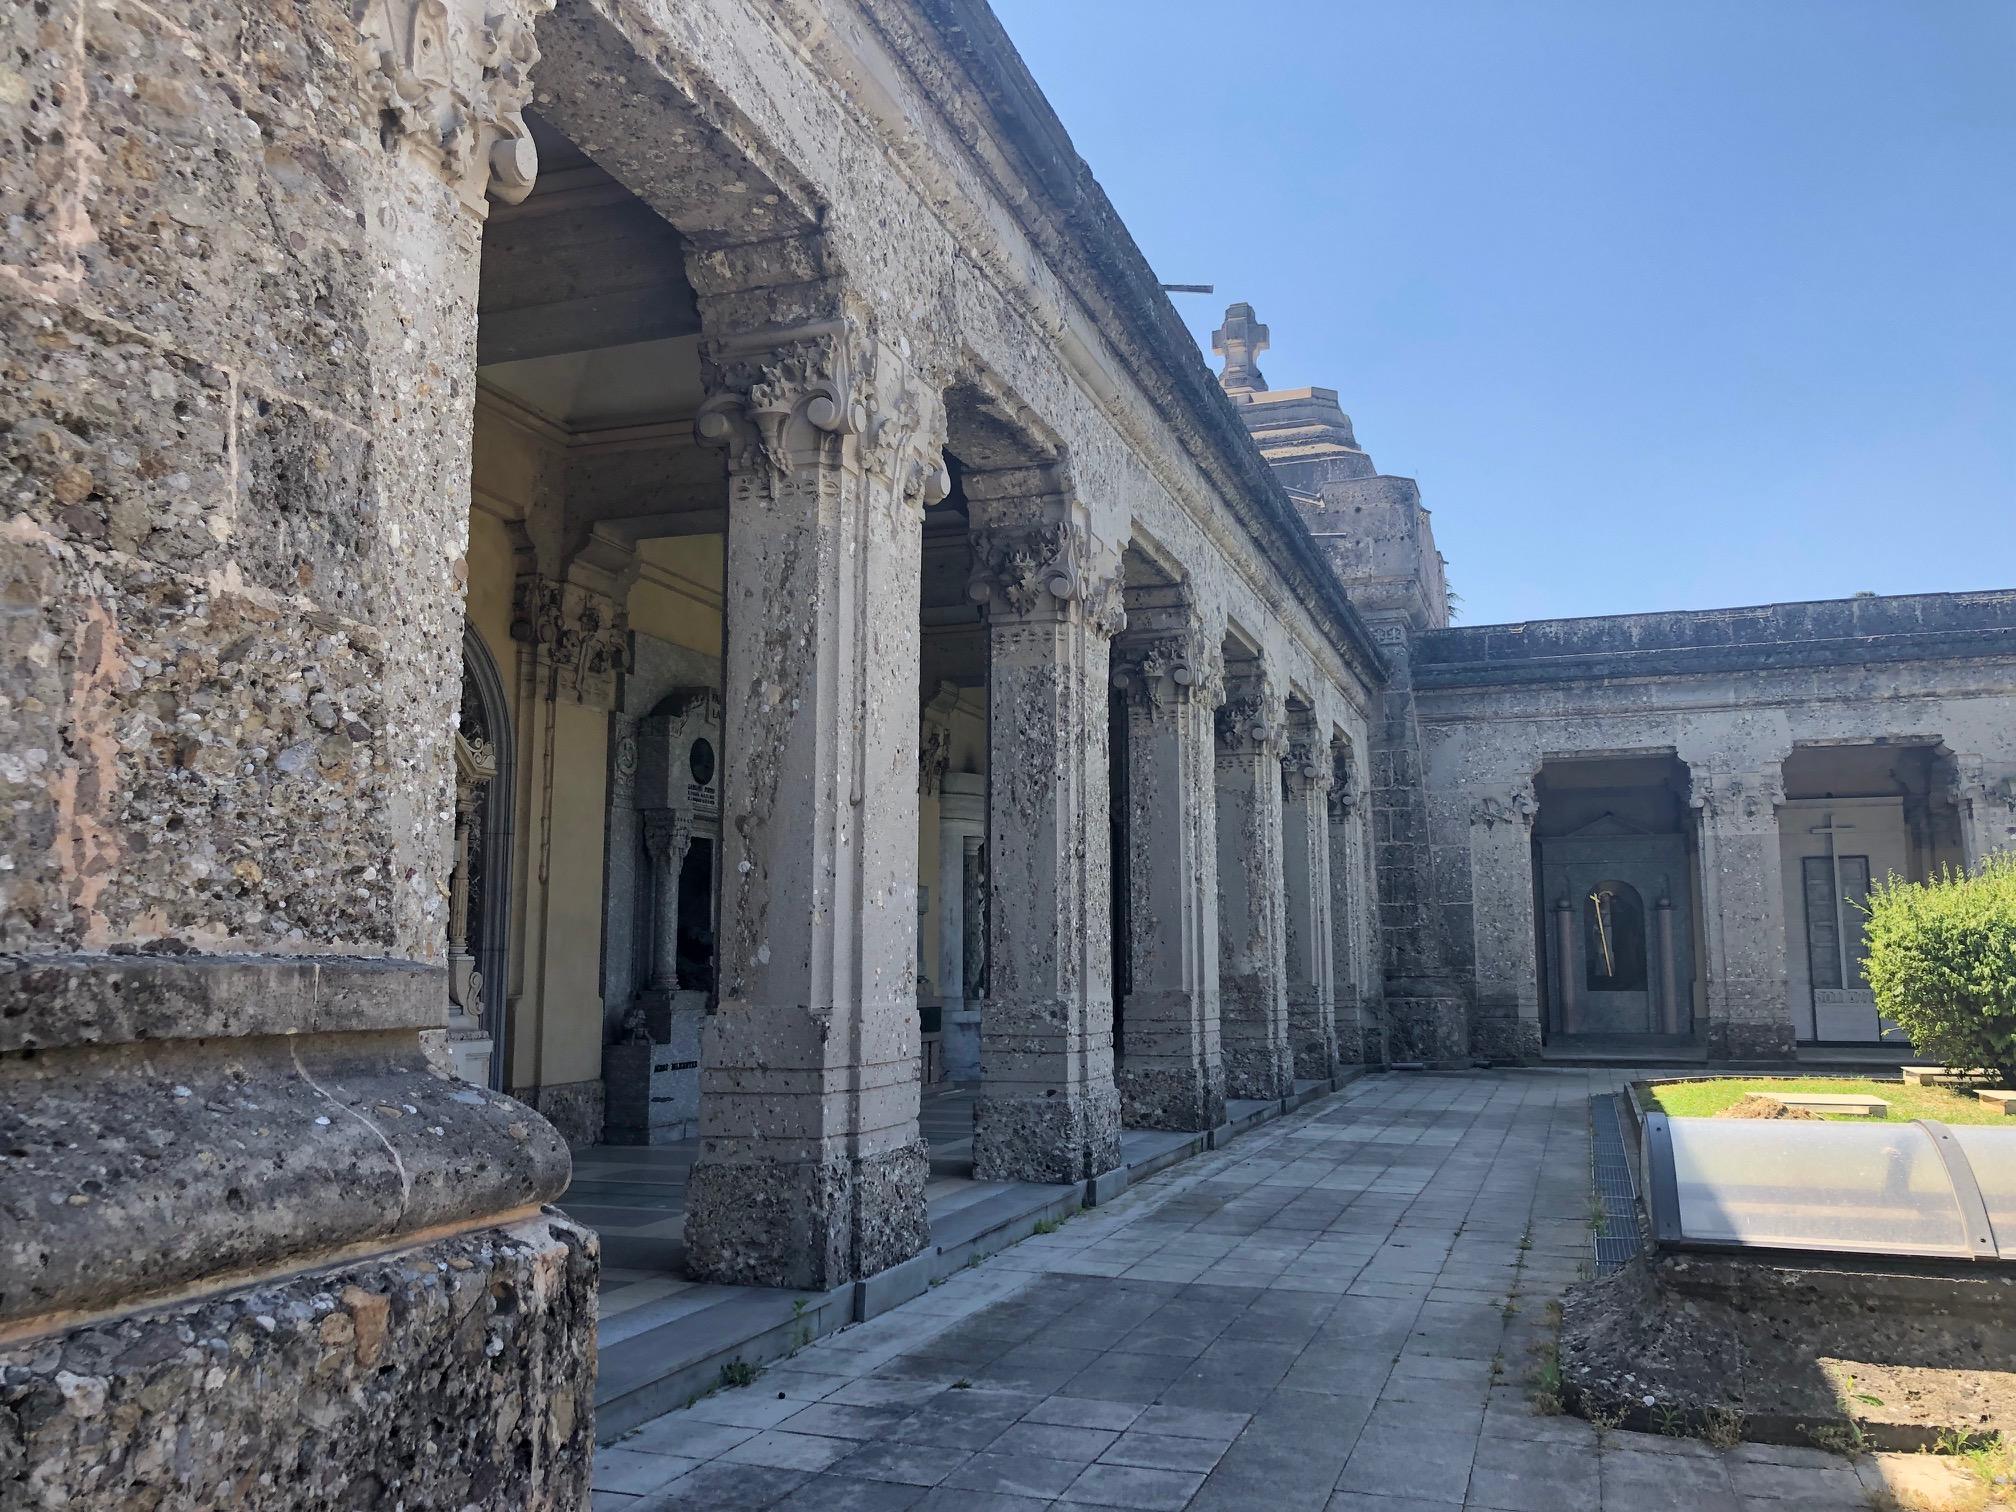 Cimitero Monumentale di Bergamo - SICEM